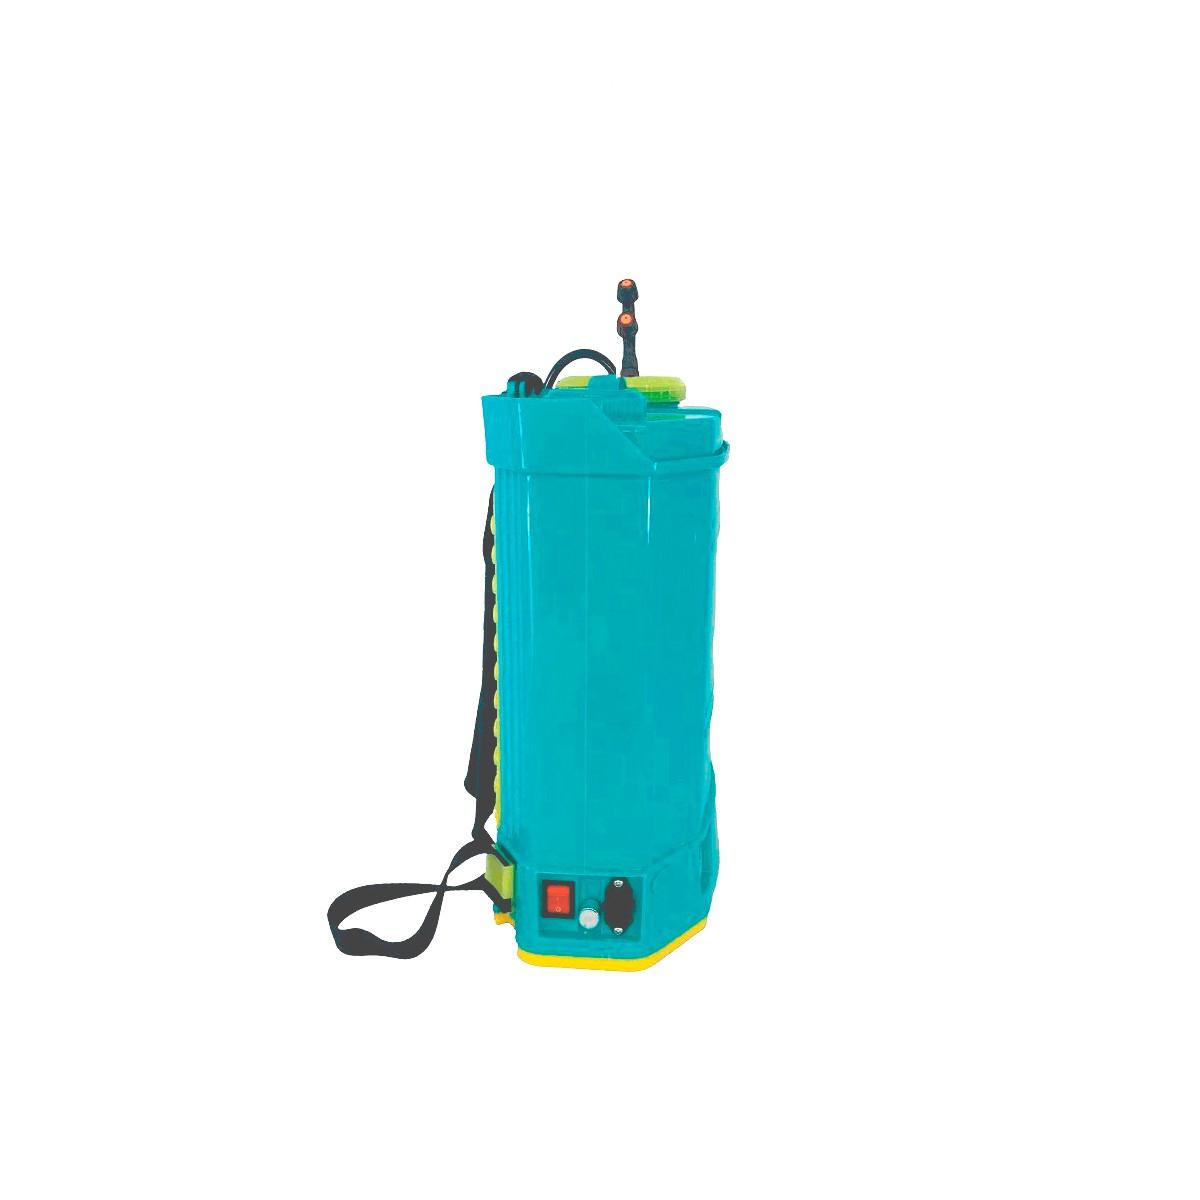 Lavadora Costal Para Limpeza Ar Condicionado Split 18 Litros com Carrinho